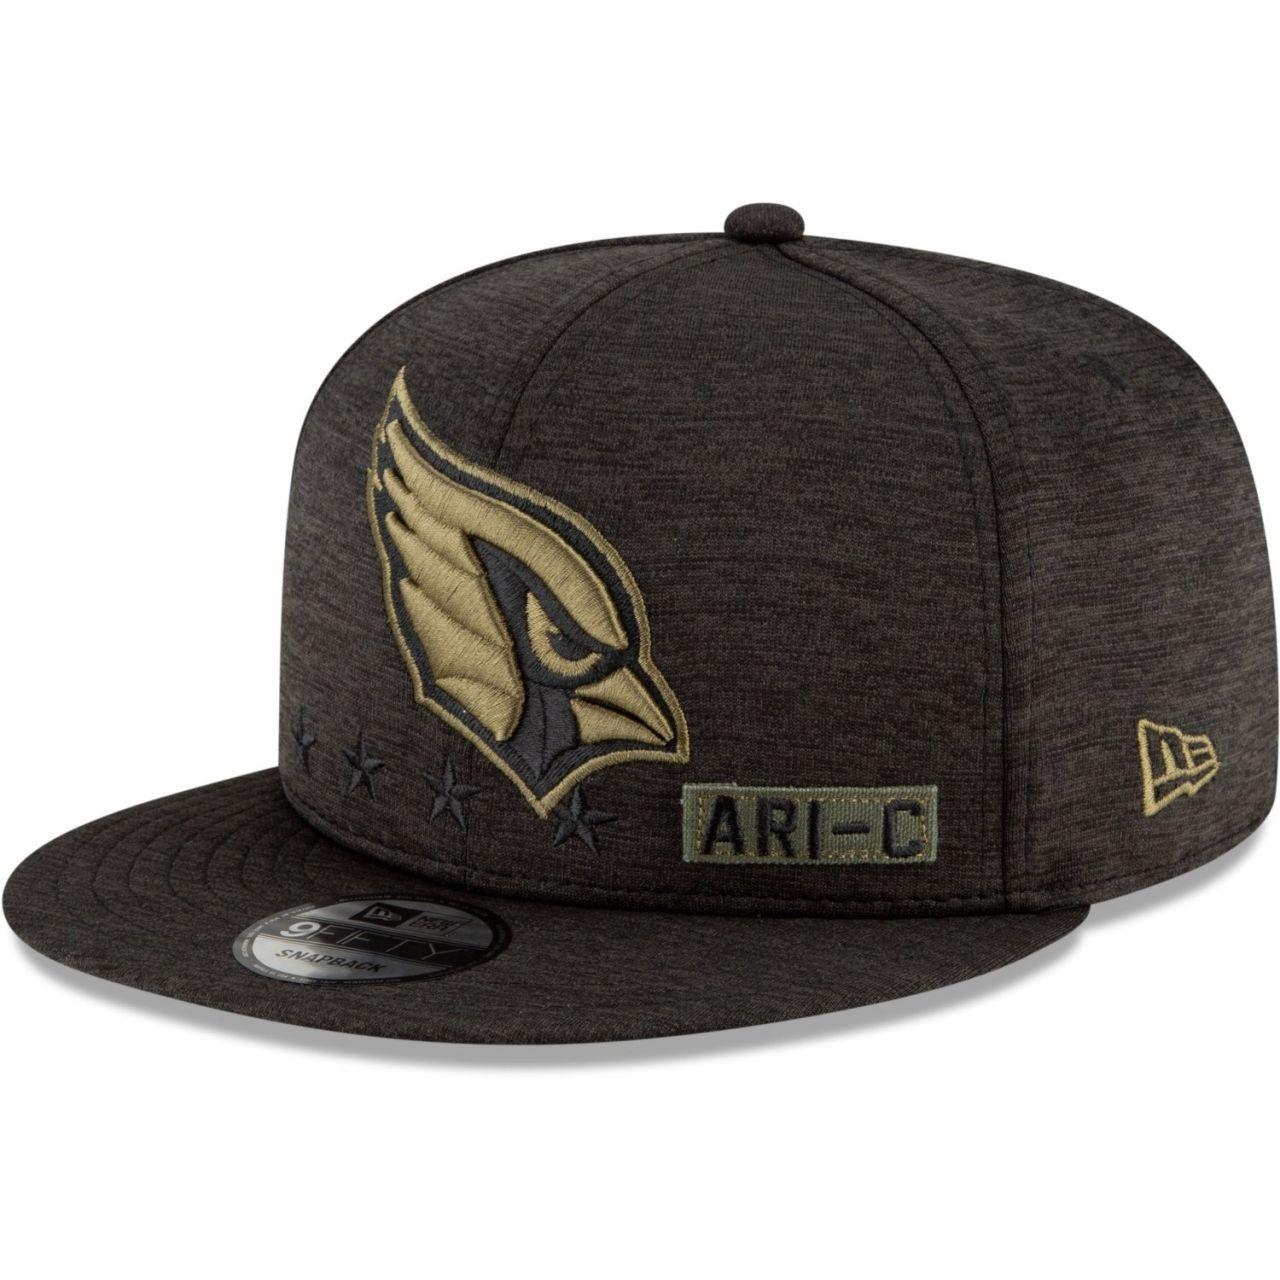 amfoo - New Era 9FIFTY Cap Salute to Service Arizona Cardinals